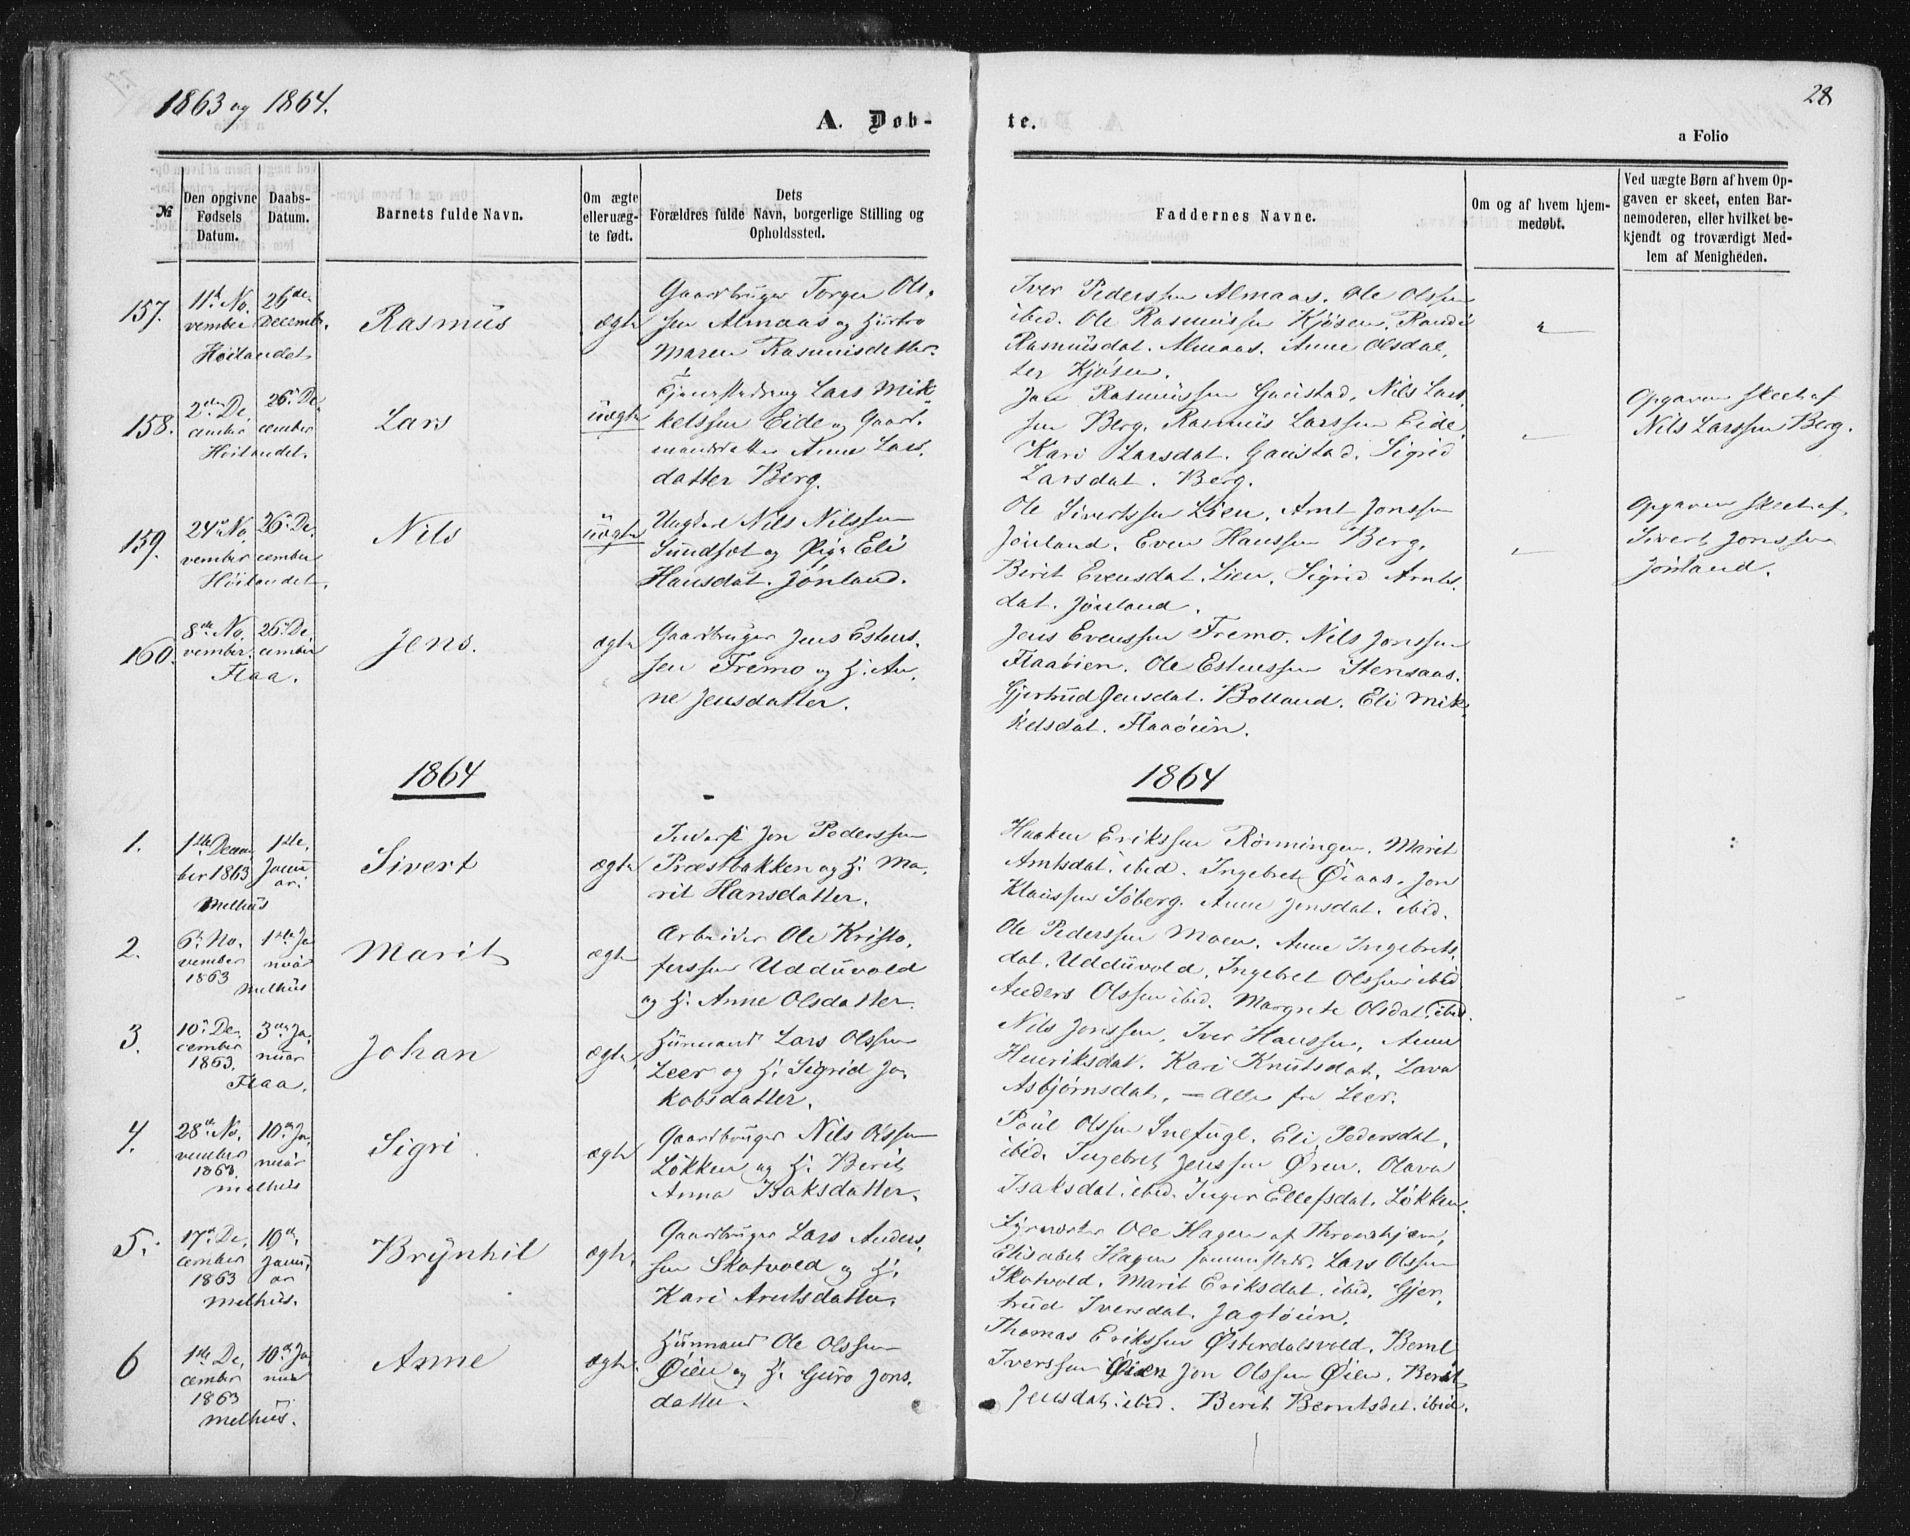 SAT, Ministerialprotokoller, klokkerbøker og fødselsregistre - Sør-Trøndelag, 691/L1077: Ministerialbok nr. 691A09, 1862-1873, s. 28